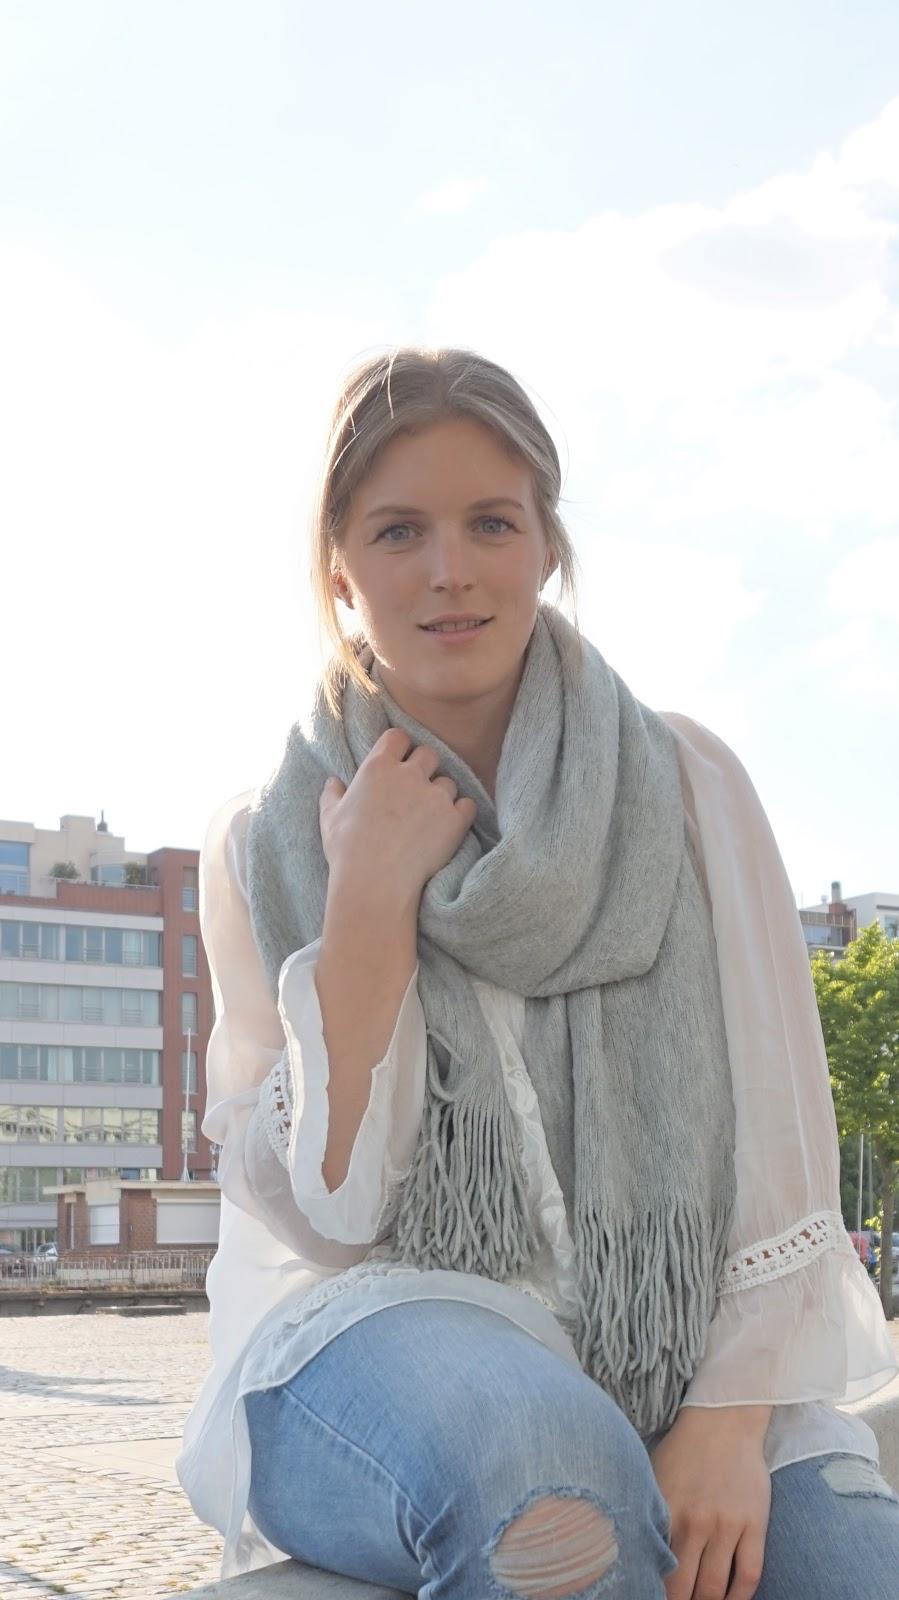 DSC06532 | Eline Van Dingenen